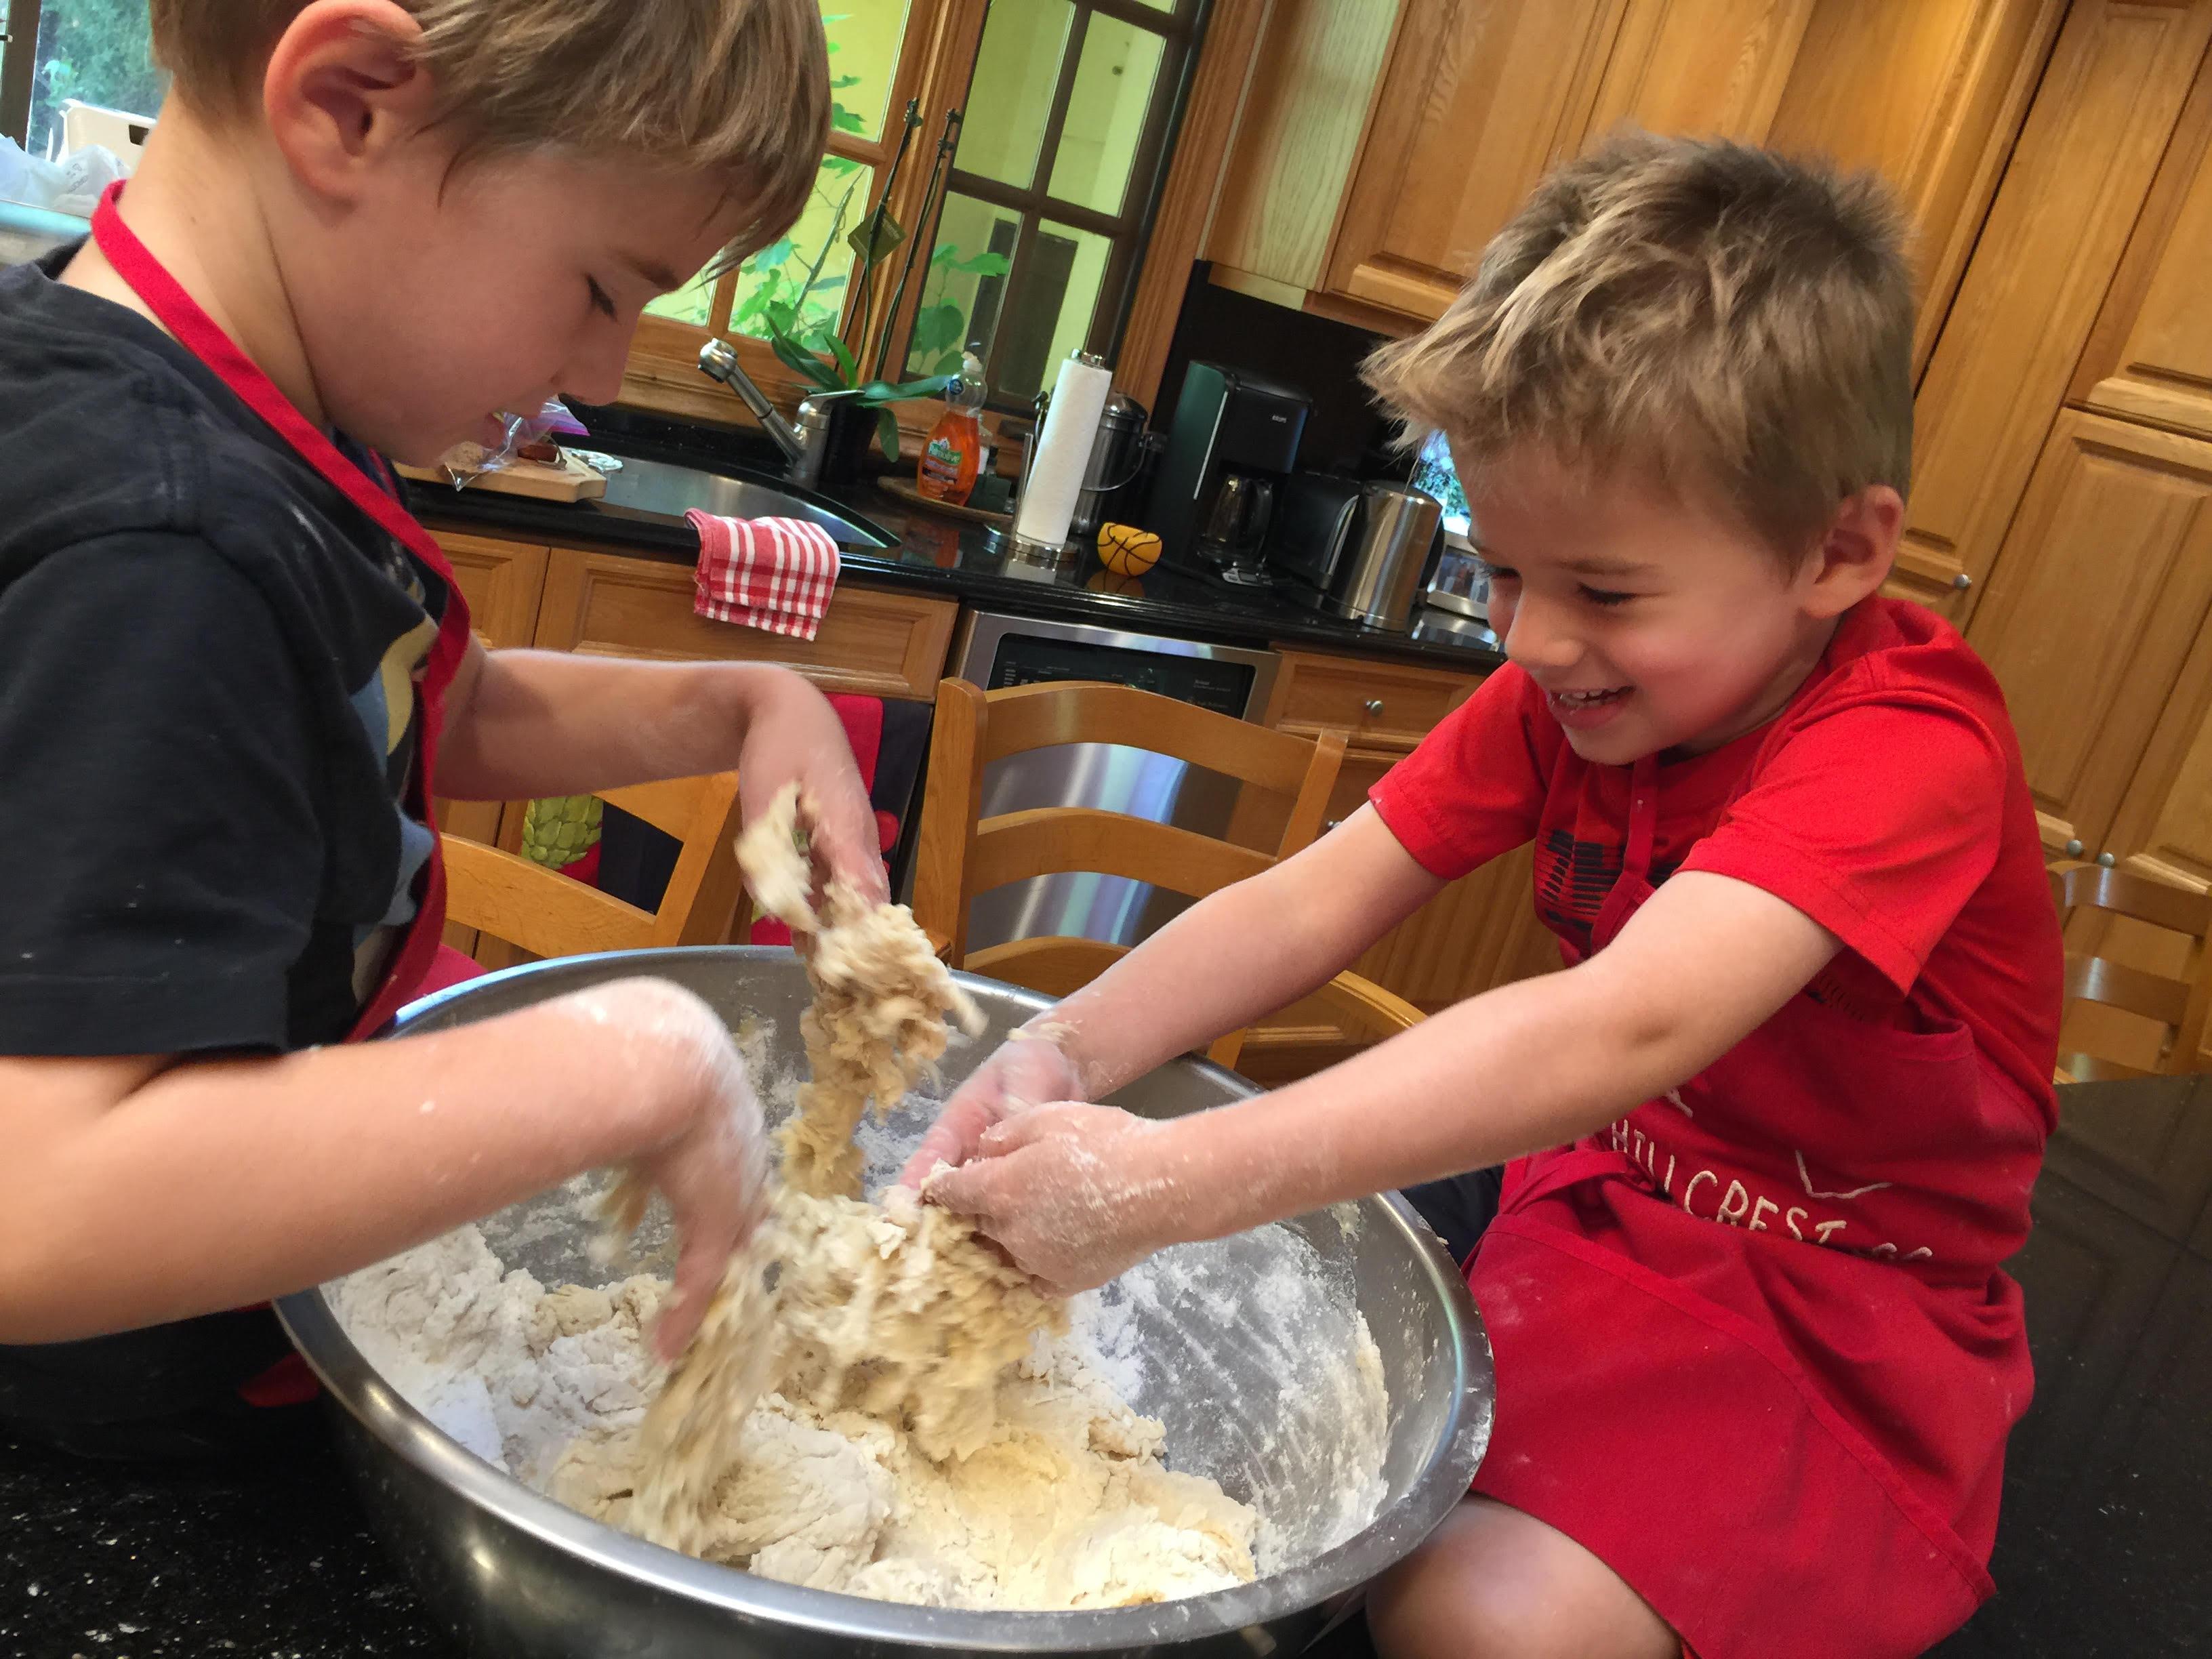 noah-and-gabe-closeup-with-sticky-flour-dough-for-hallah-nov-11-2016